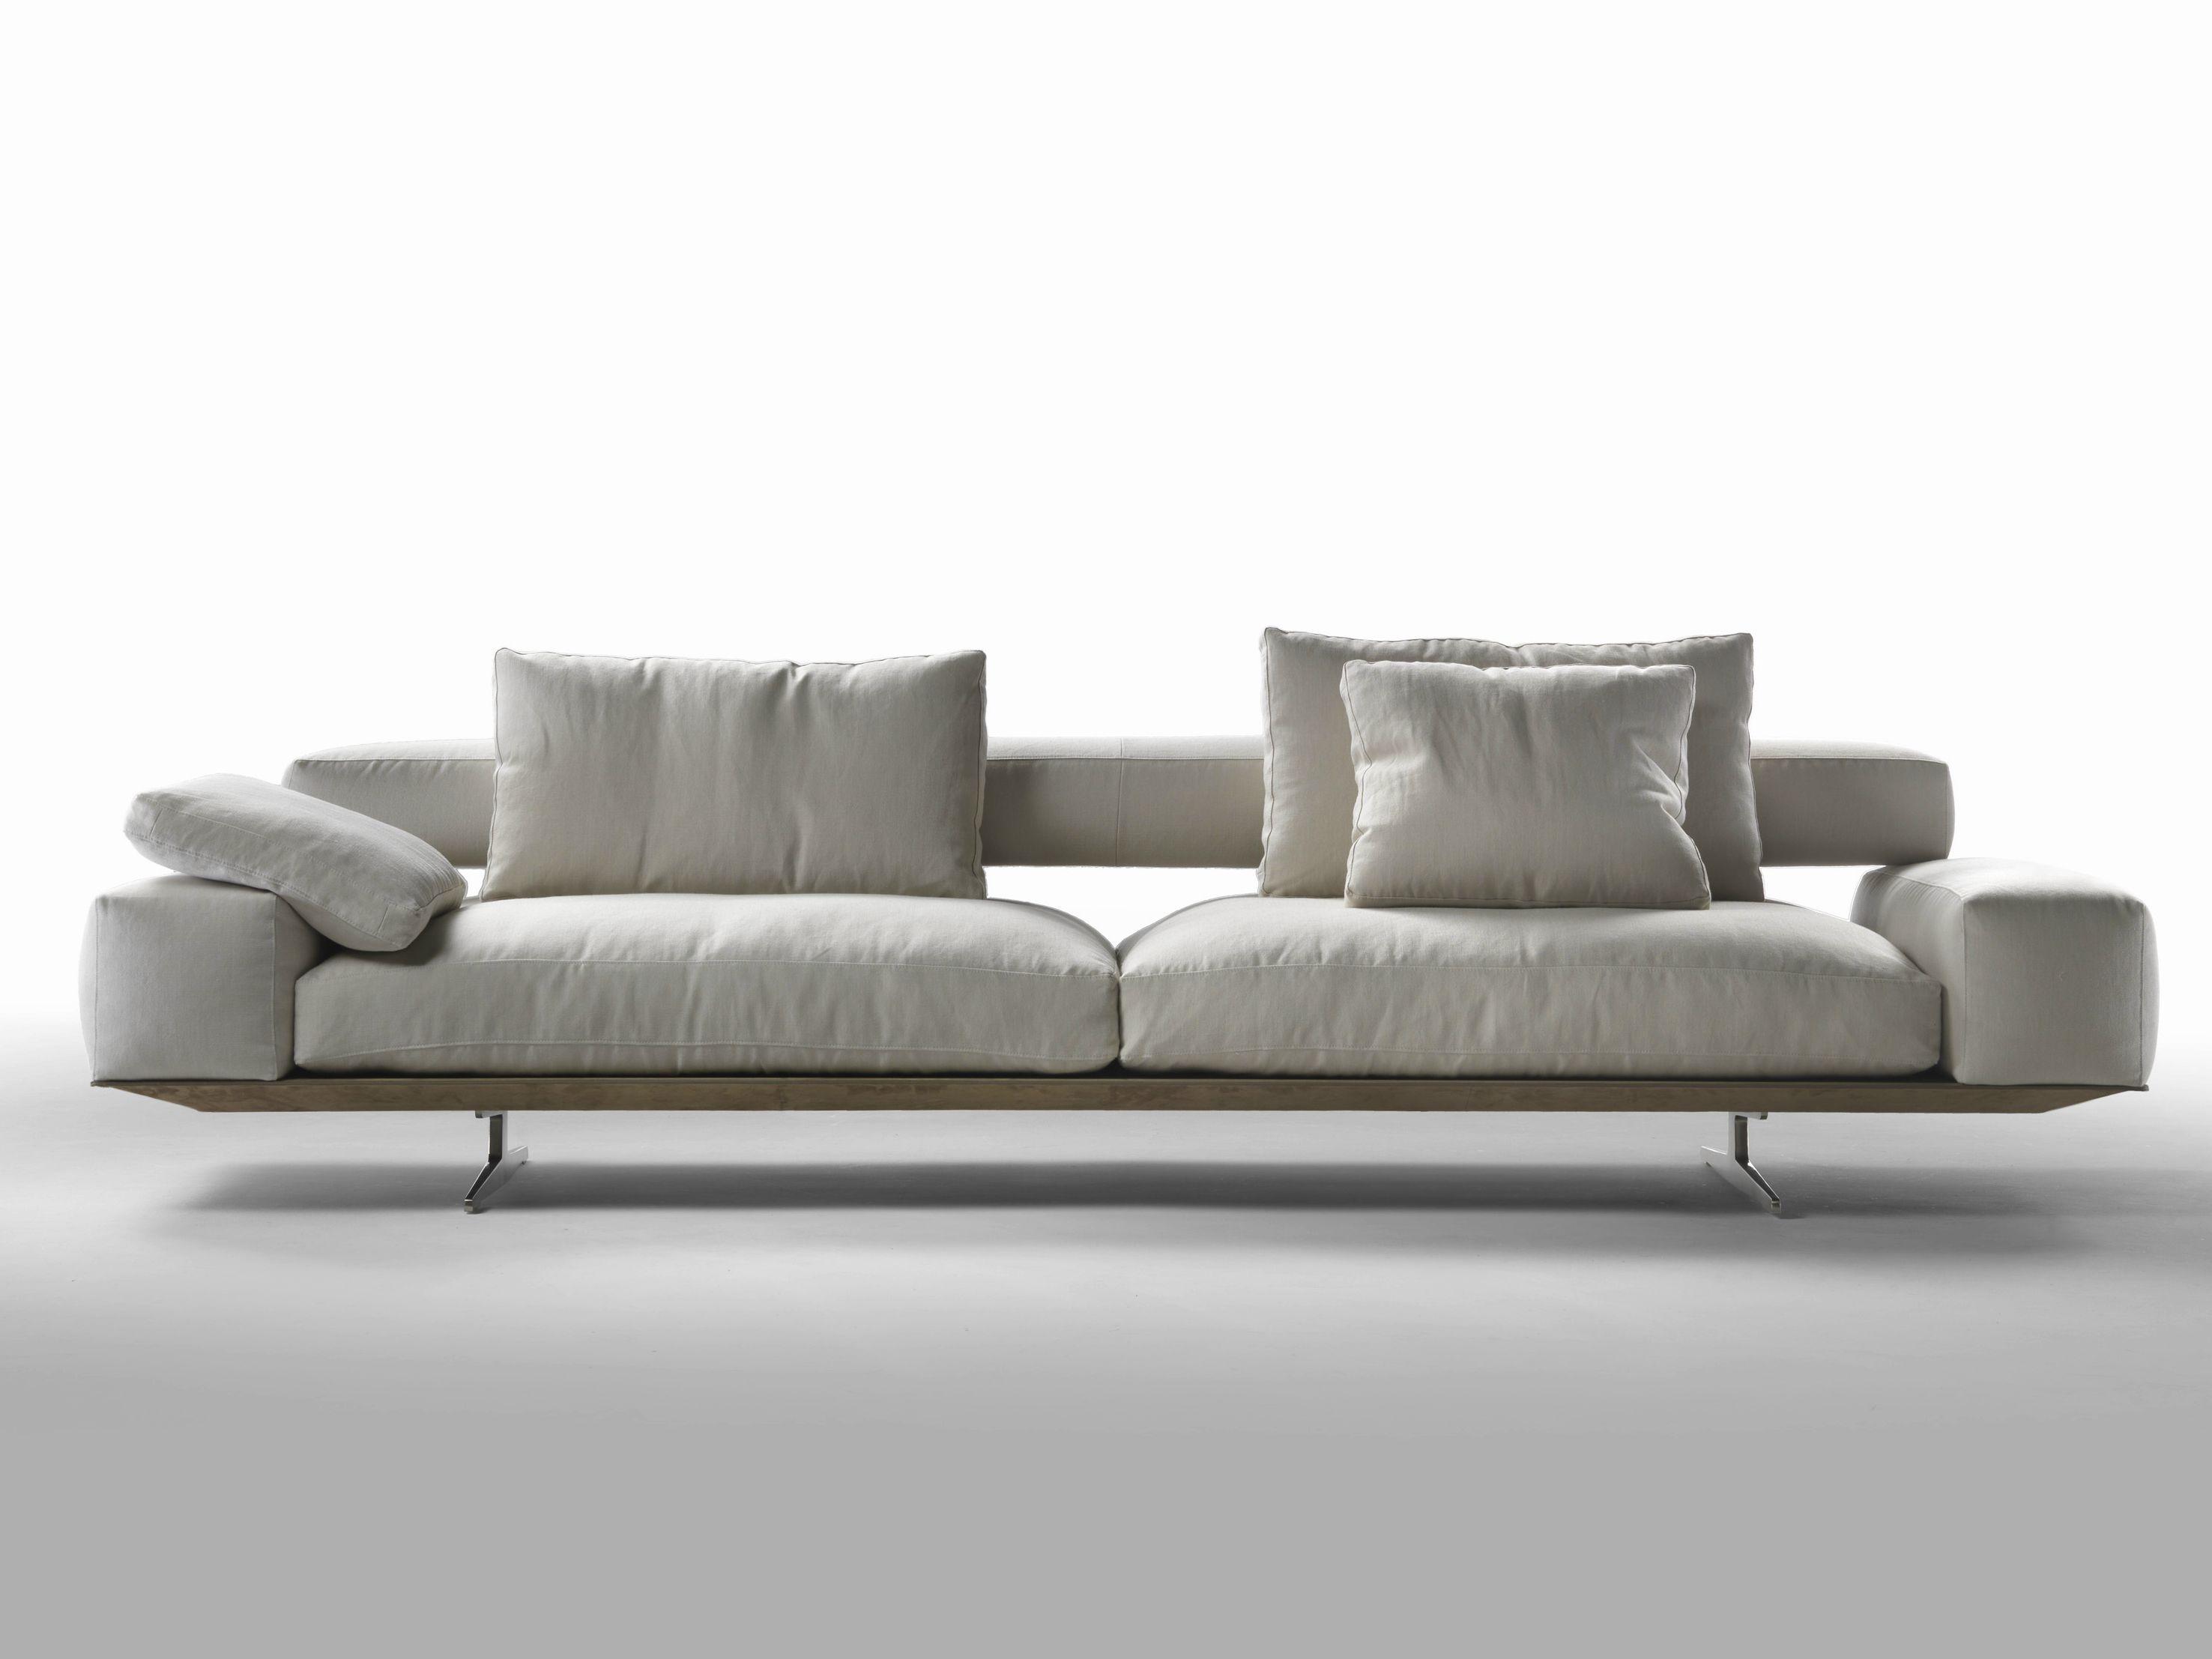 Divano Letto Moderno Flexform.Wing Divano A 2 Posti By Flexform Design Antonio Citterio Tecido